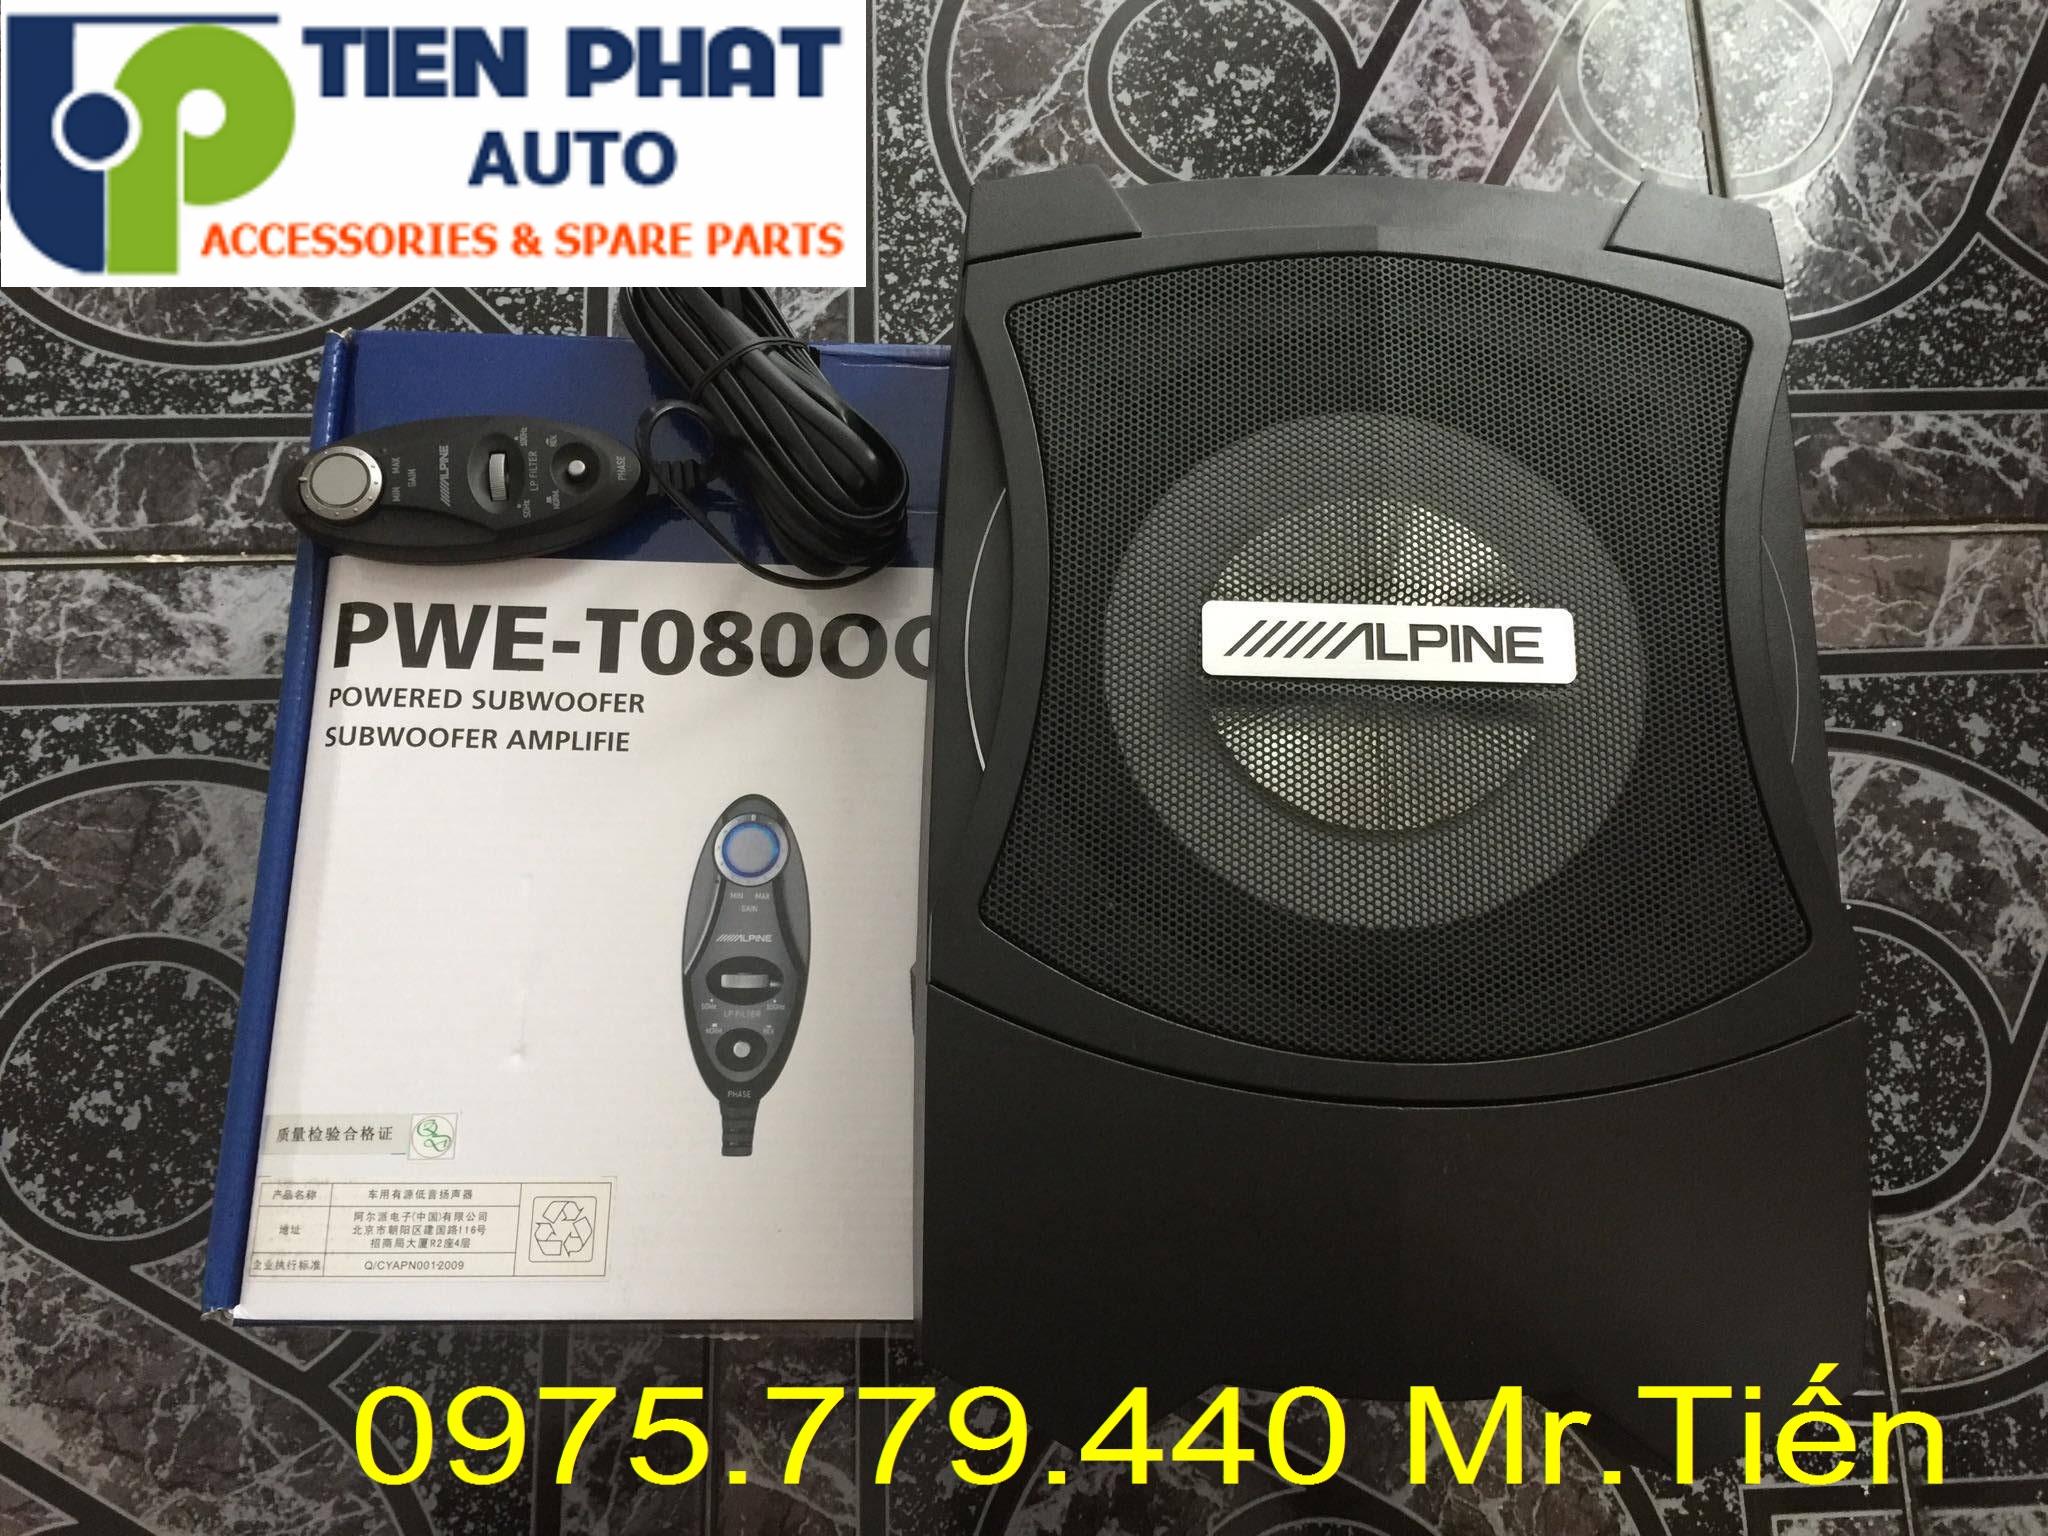 Lắp Loa sub Alpine PWE-T0800C cho Suzuki Swift Lắp Đặt Tận Nơi